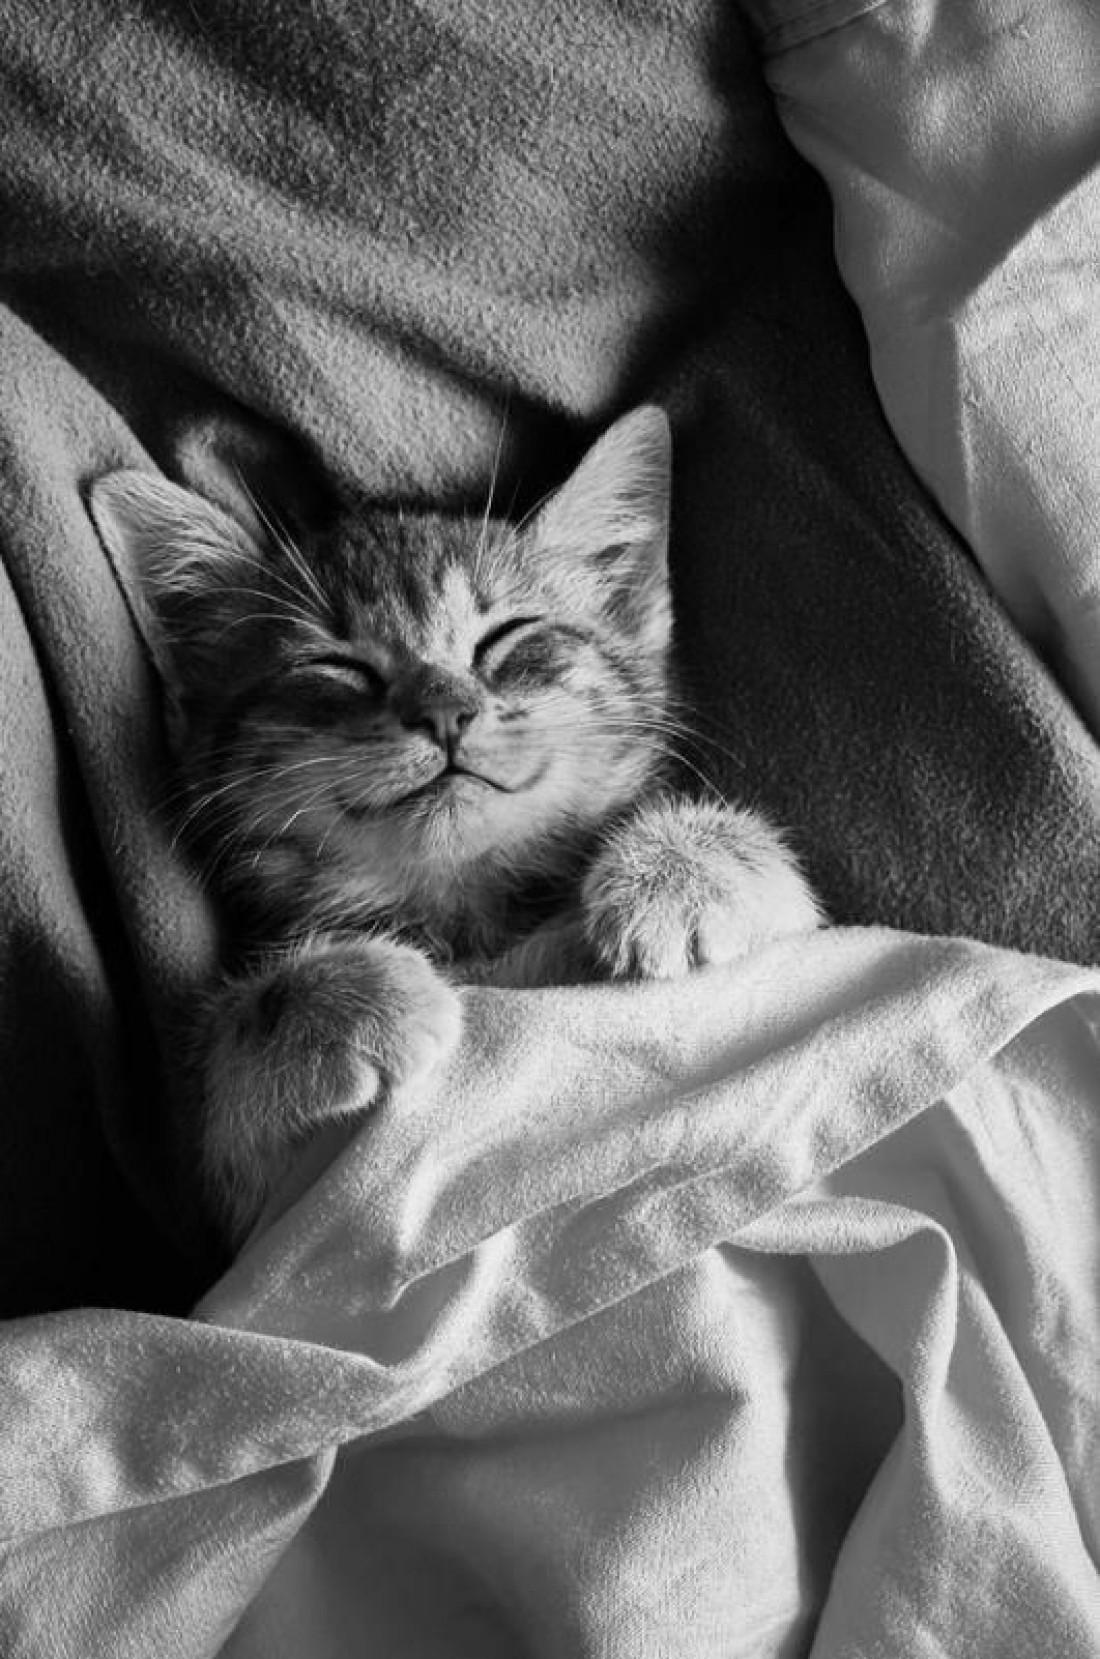 Котики прославились благодаря своей нежности